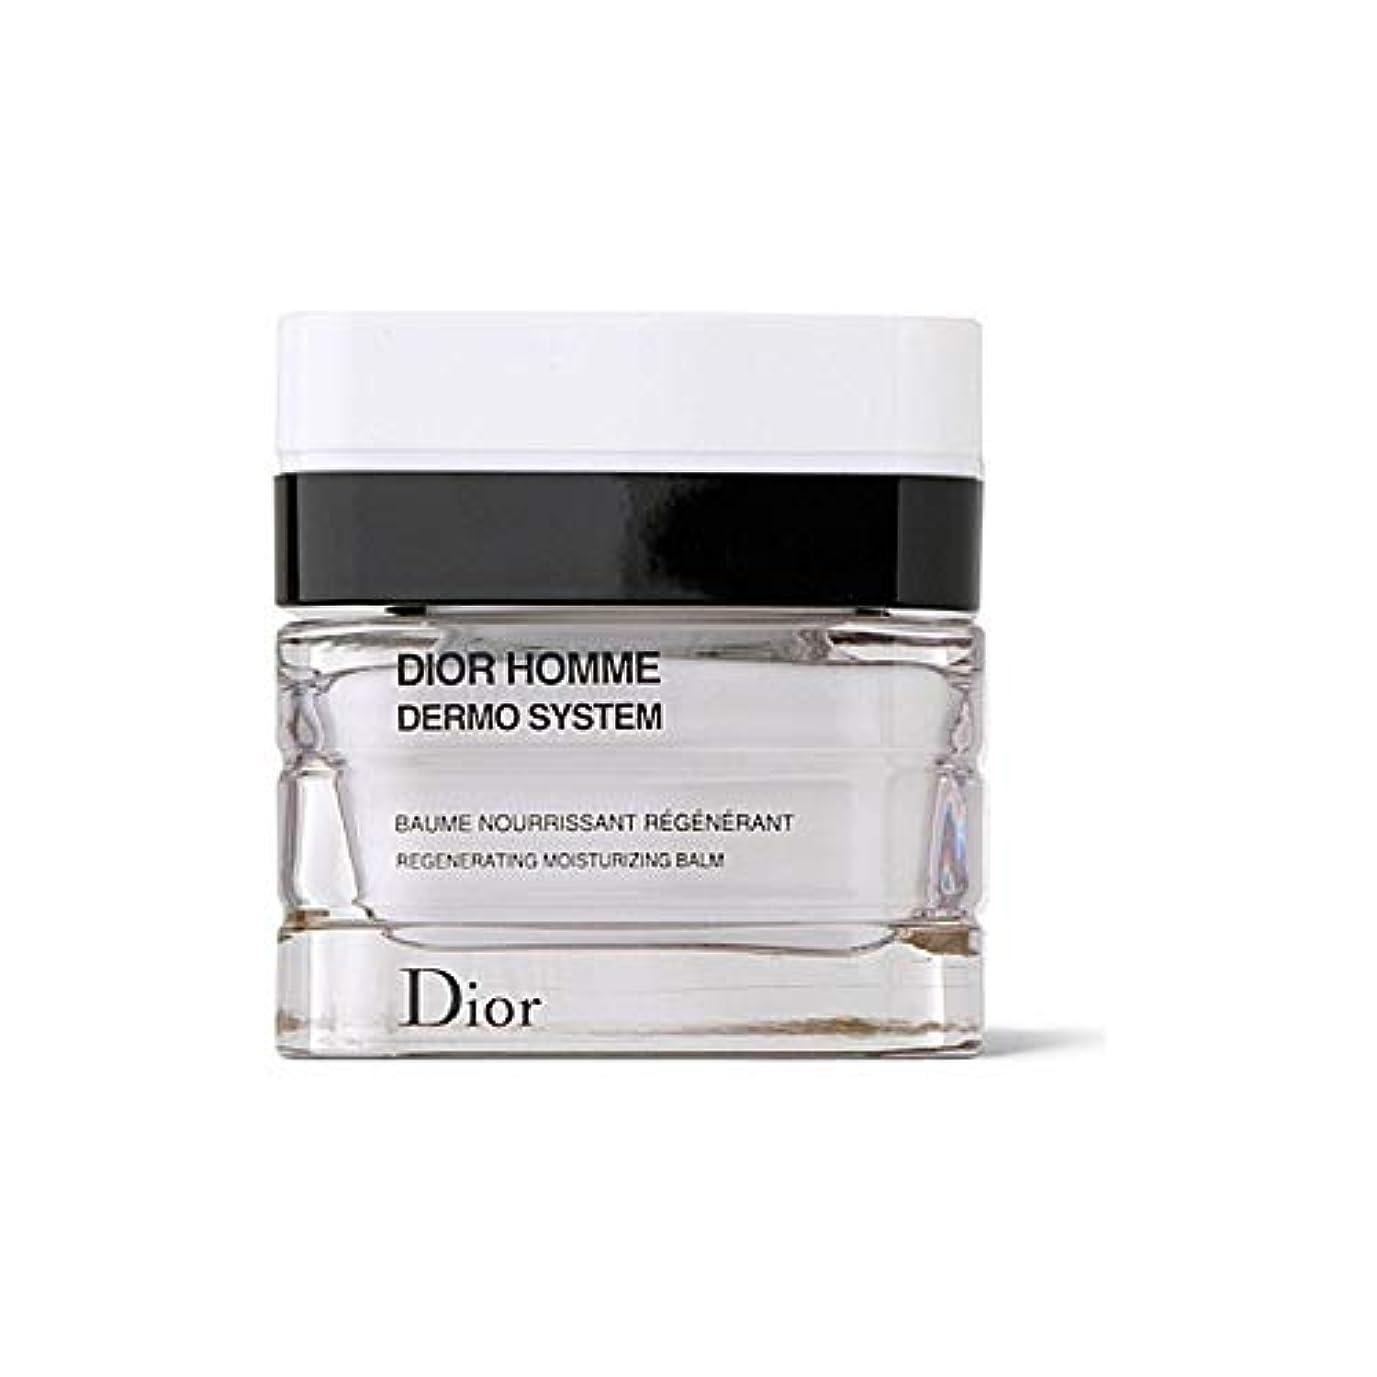 文明コンチネンタルボス[Dior ] 保湿クリームを再生ディオール、真皮システム - Dior Dermo System Regenerating Moisturising Balm [並行輸入品]